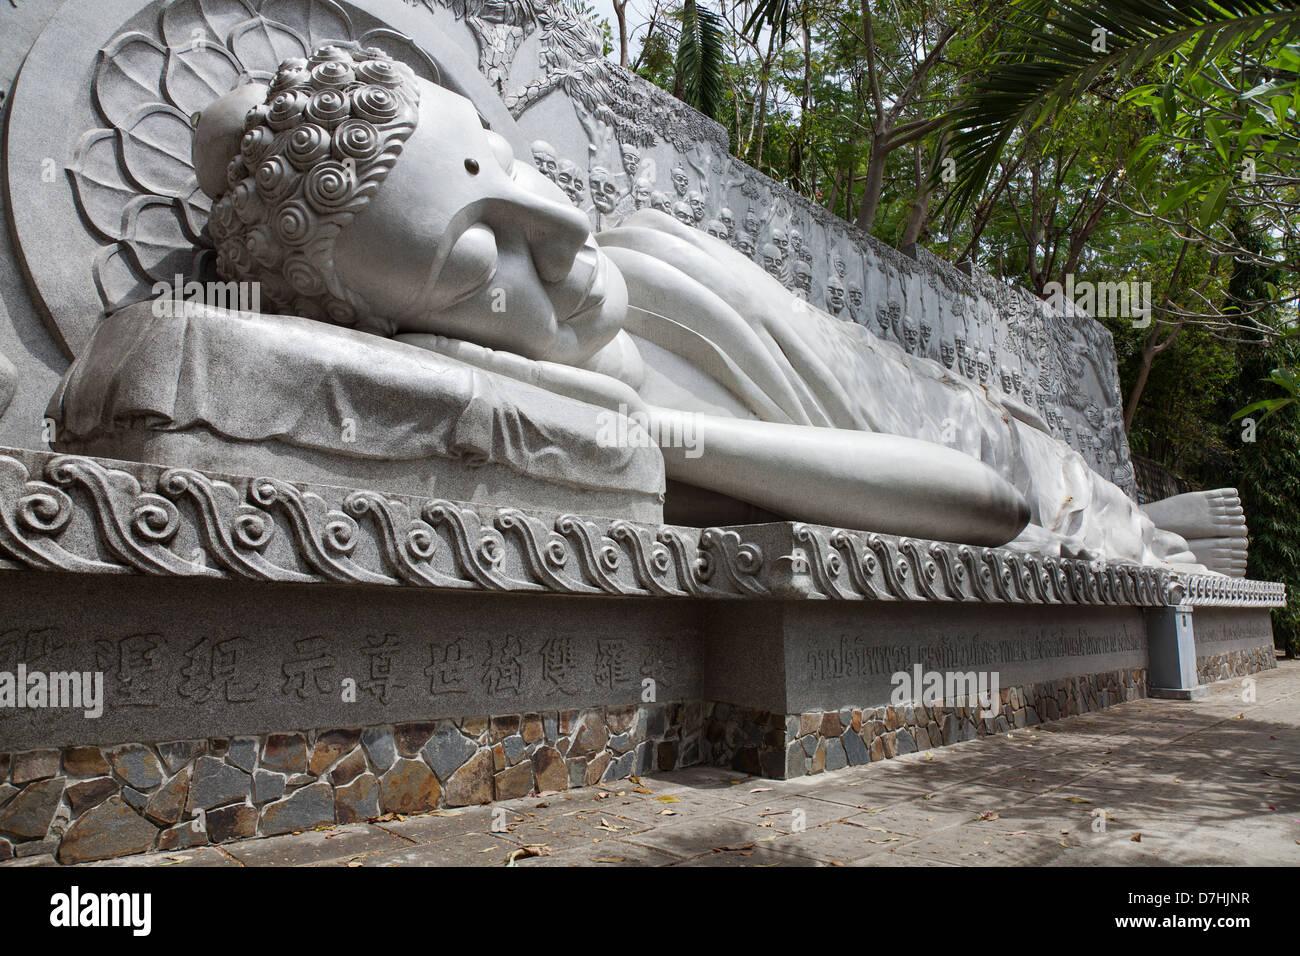 Reclining Buddha at the Long son pagoda in Nha Trang, Vietnam Stock Photo